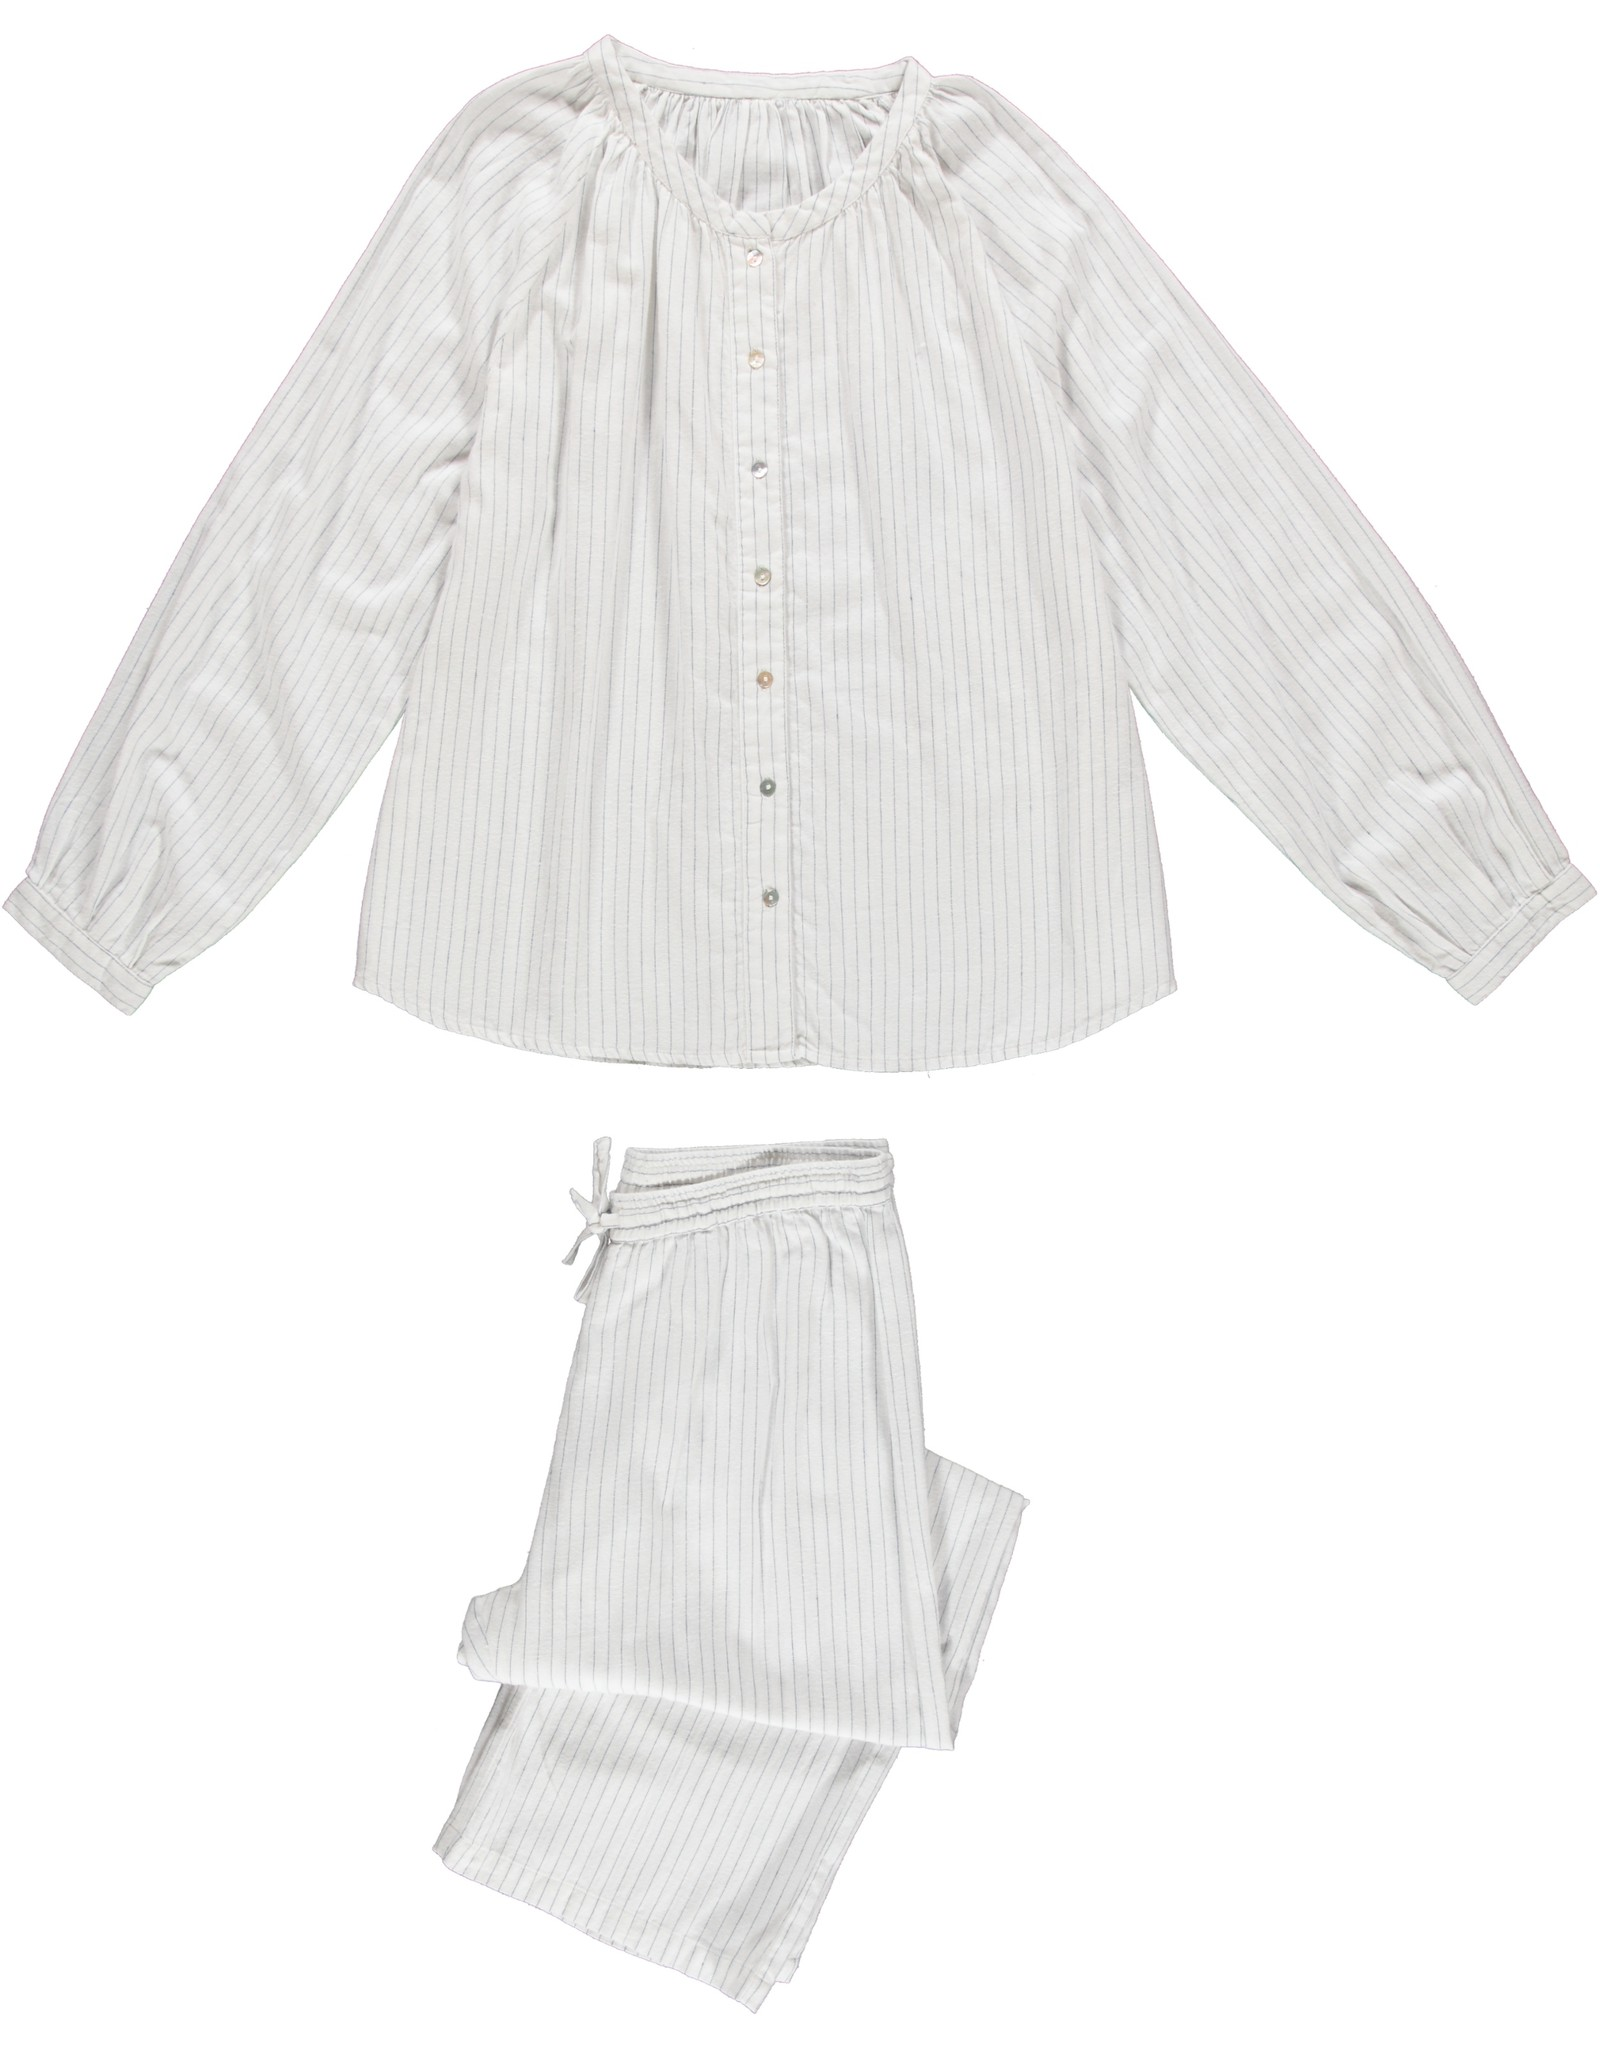 Dorélit Fynn + Alkes   Pajama Set Woven   Pin Stripe